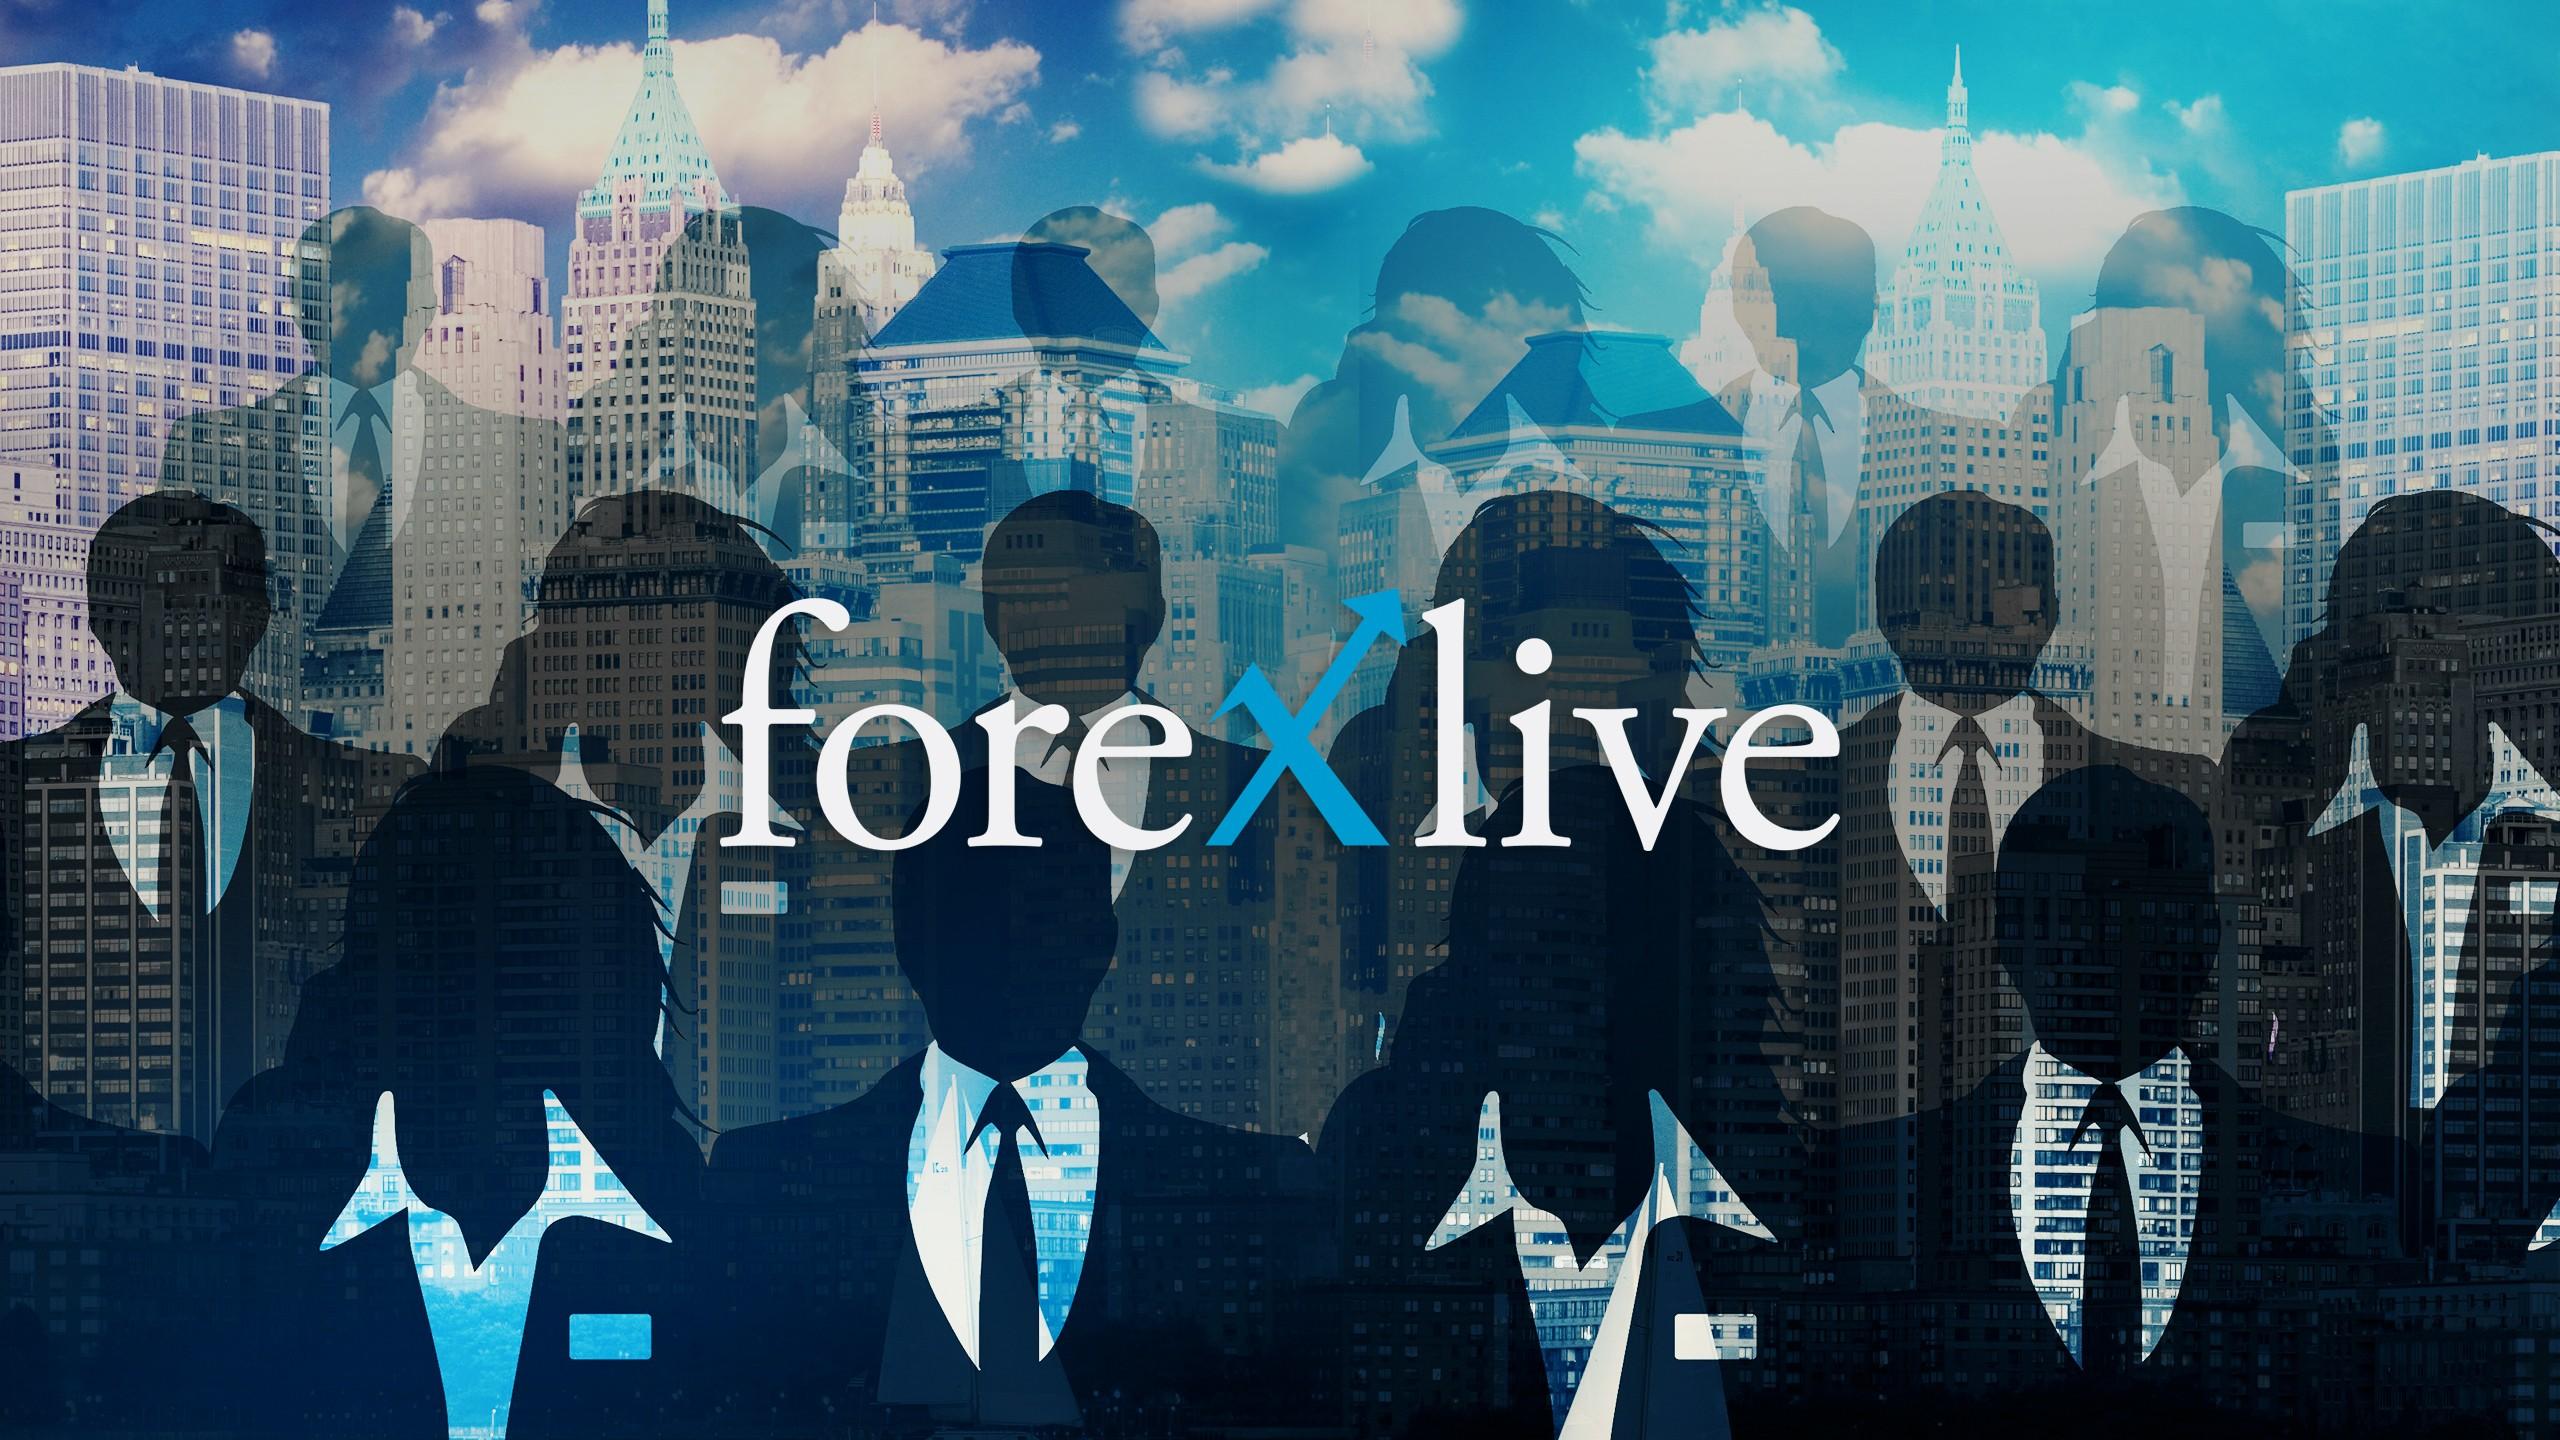 ForexLive | LinkedIn